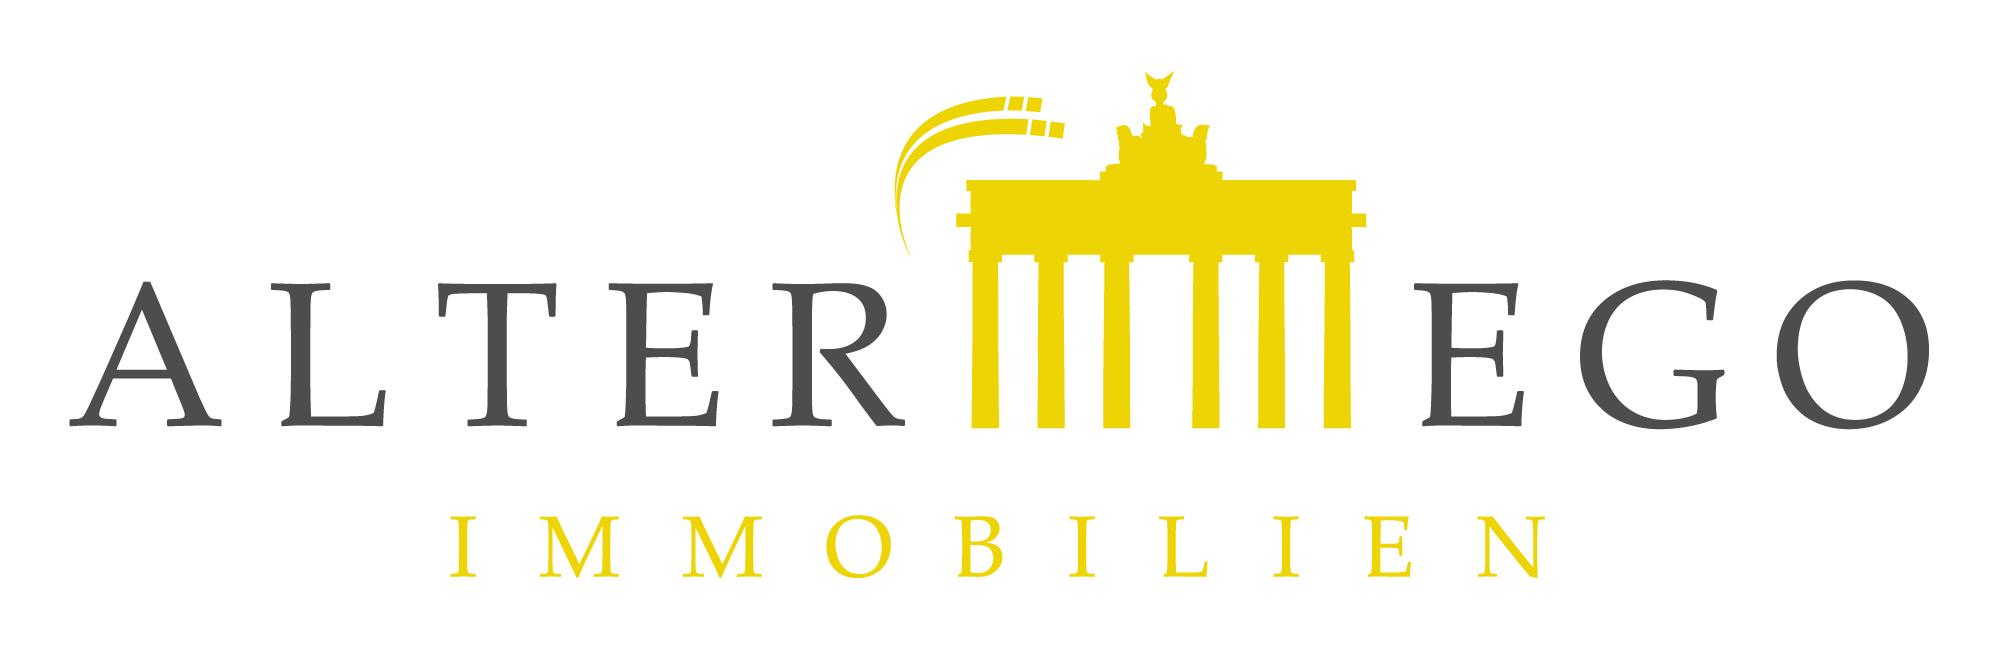 Hier sehen Sie das Logo von ALTER EGO IMMOBILIEN